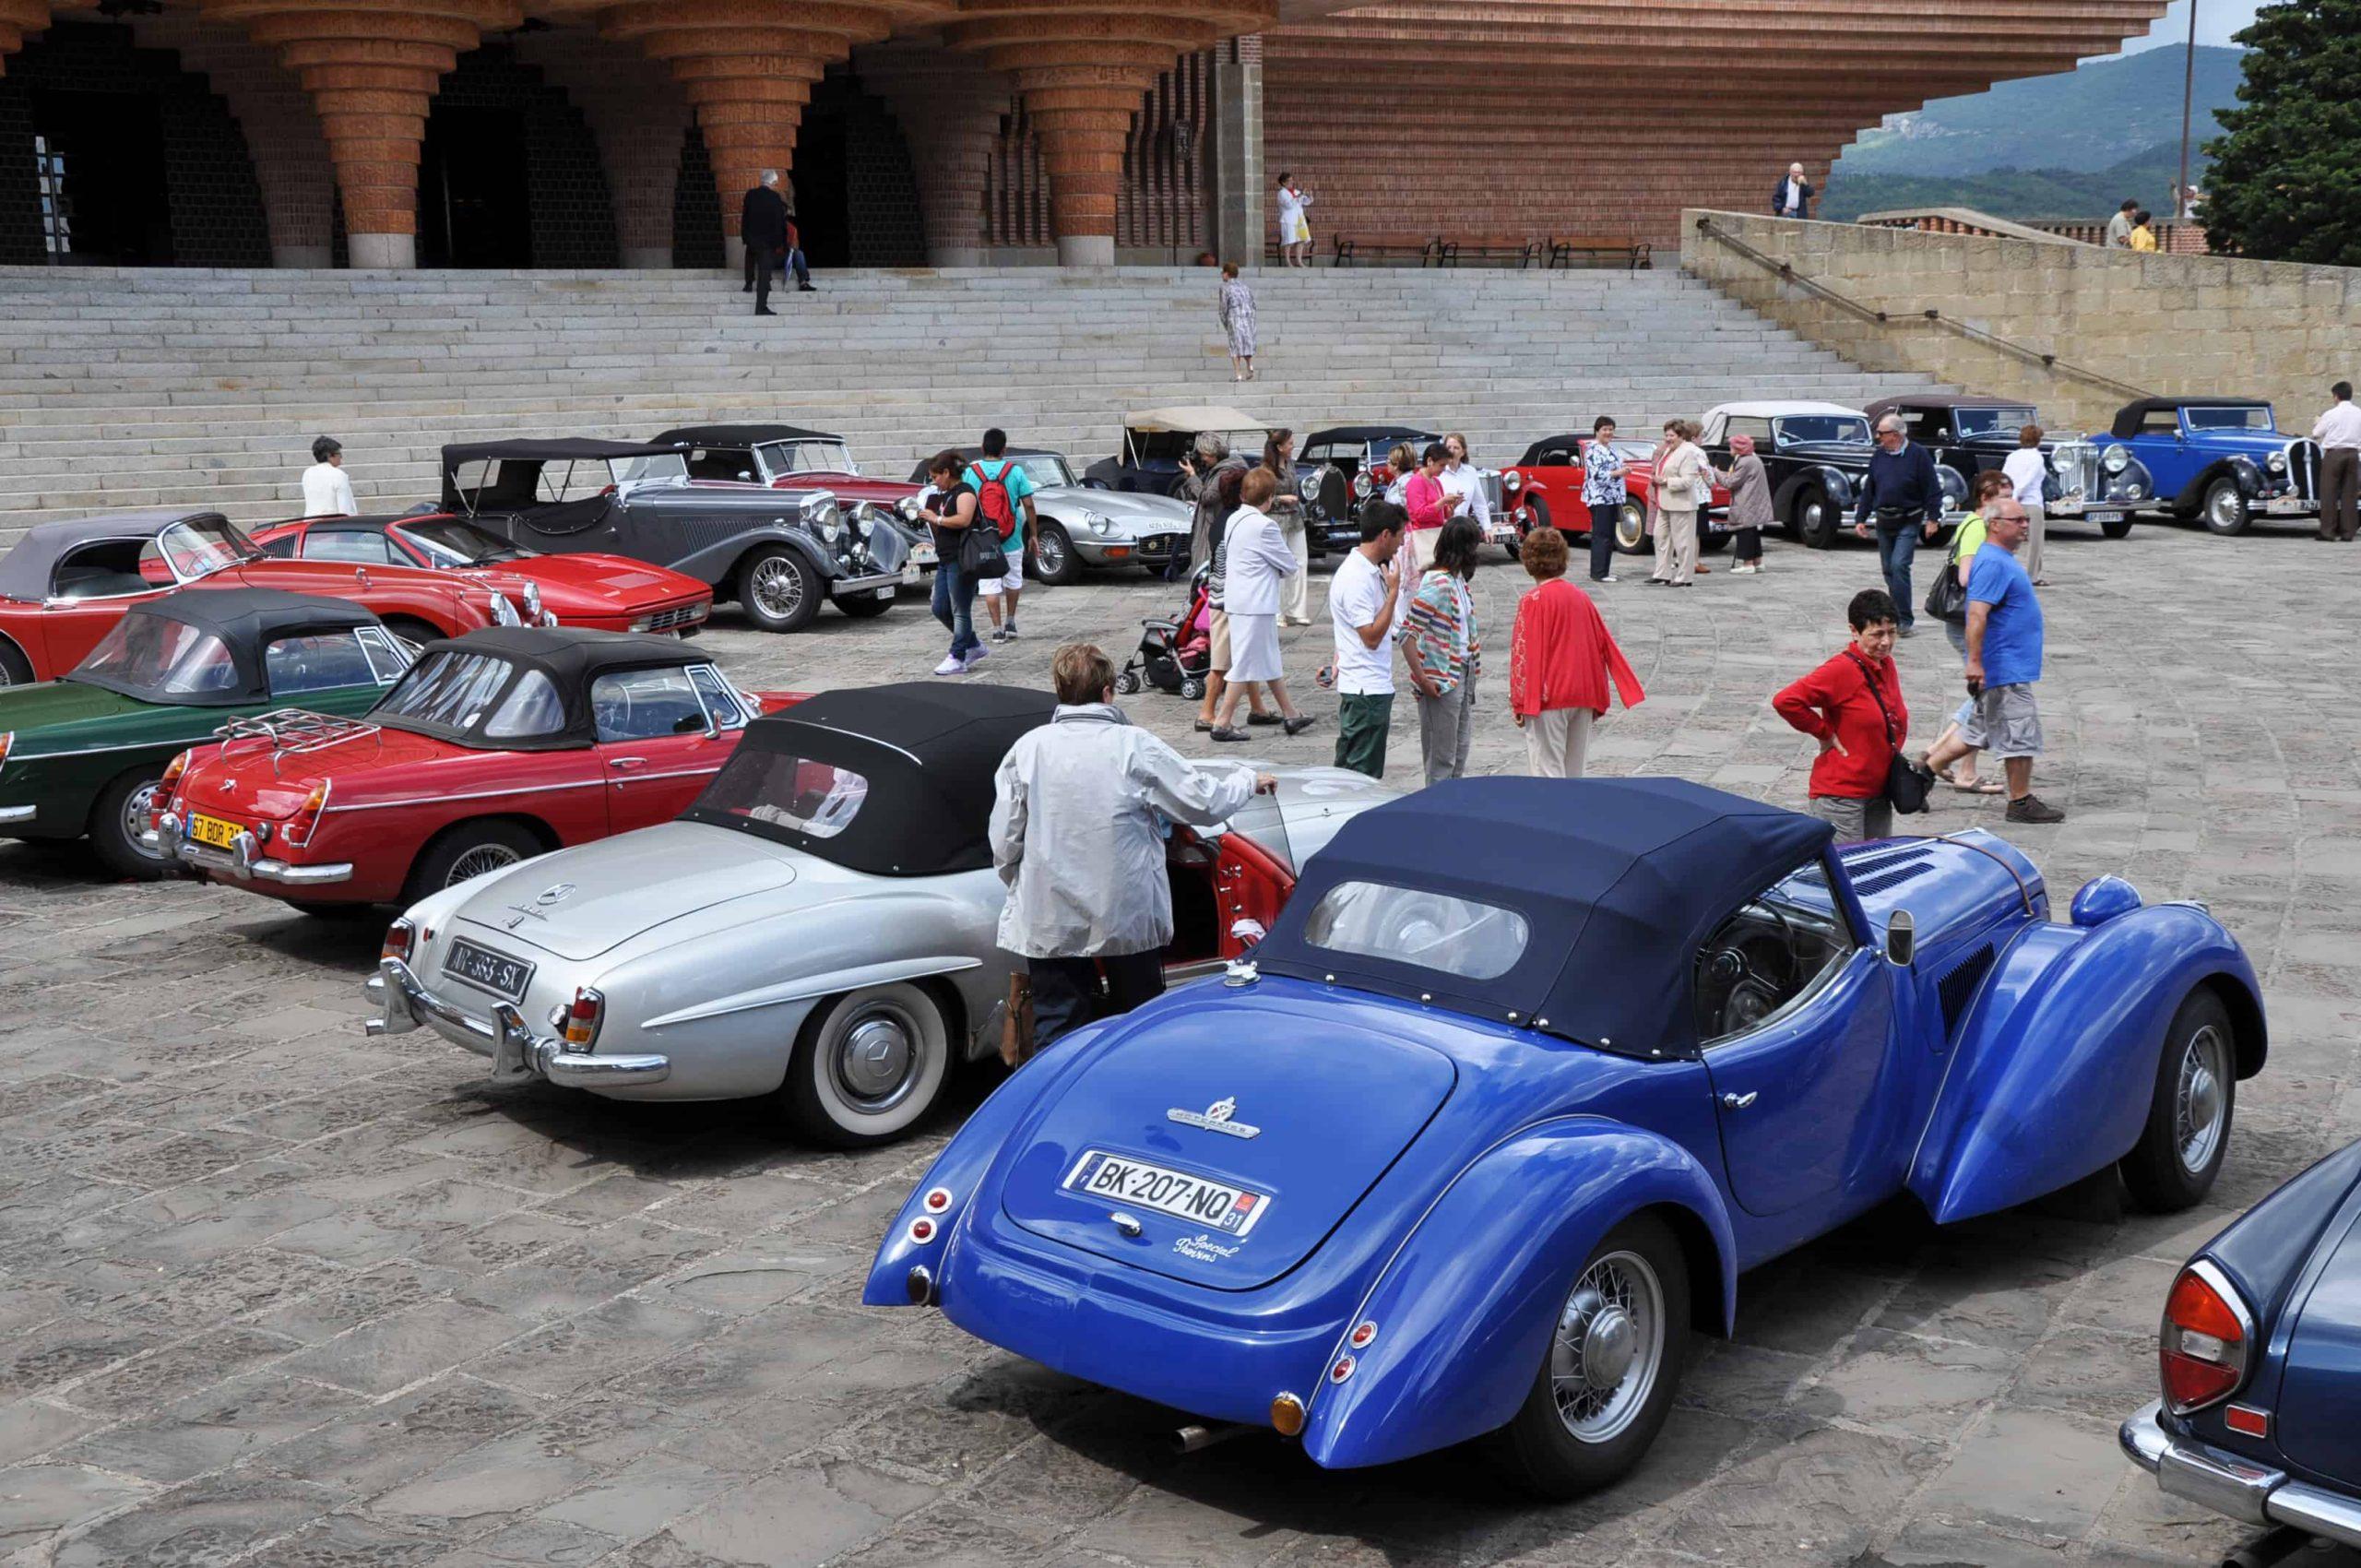 coches_clasicos_de_francia_en_torreciudad.jpg